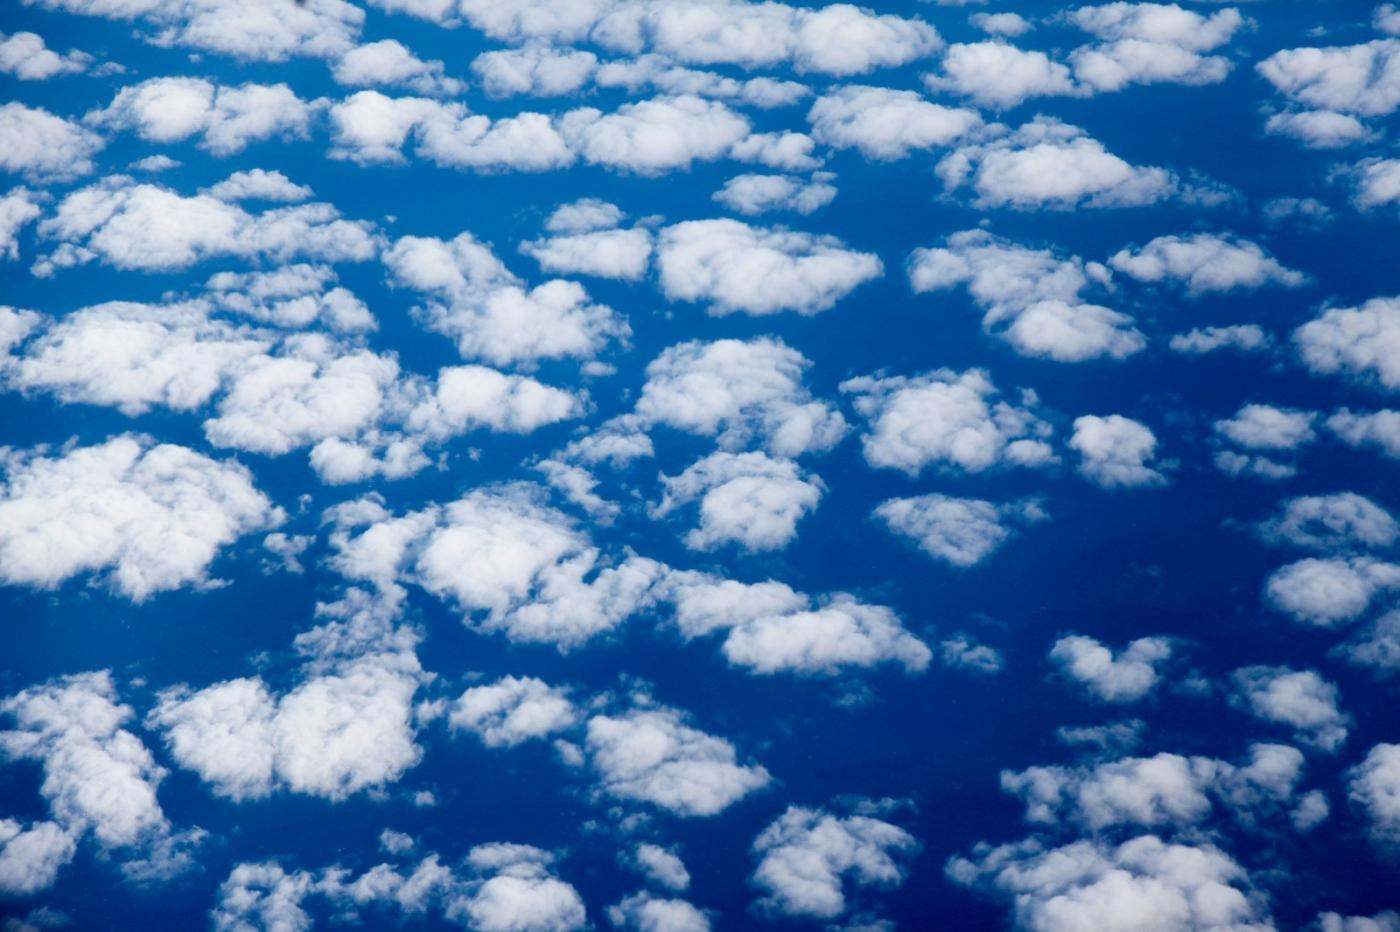 从纽约乘wow班机赴冰岛旅游,从班机的窗口看到:白云翻滚,赏心悦目,堪比黄山之云海 ..._图1-10